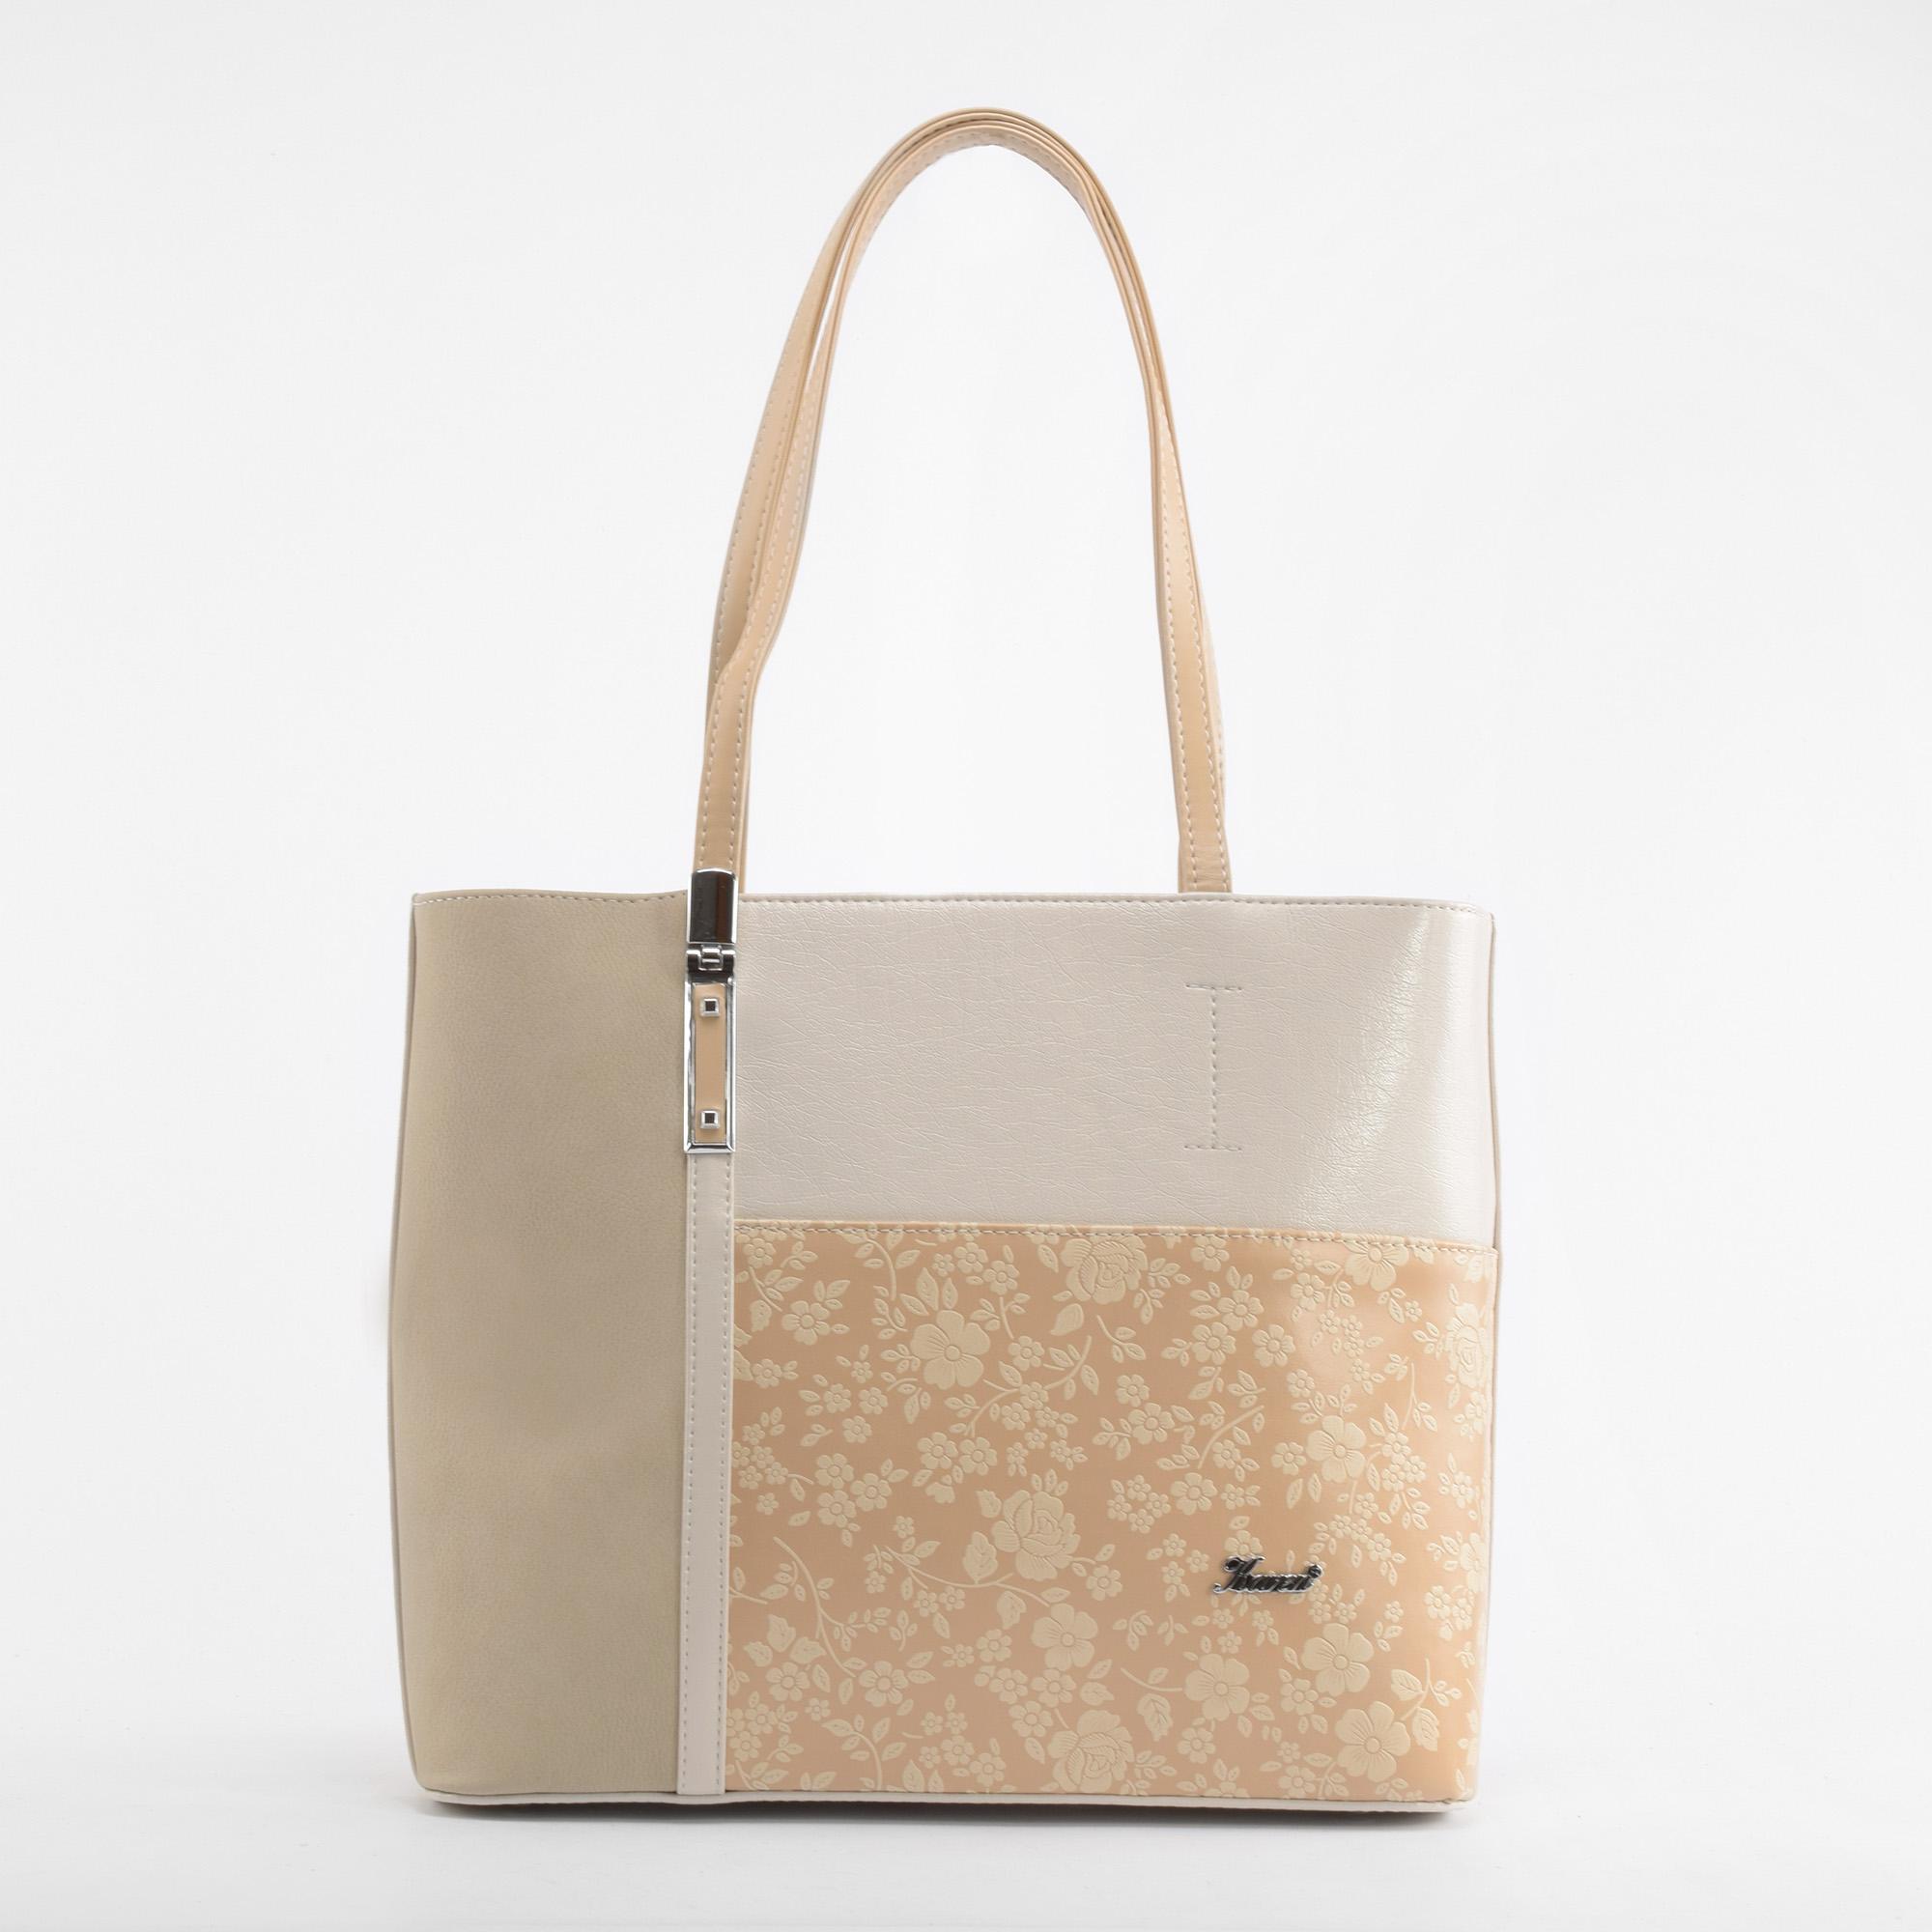 e855801a3990 Karen Bézs Női Rostbőr Válltáska - Válltáskák - Táska webáruház - Minőségi  táskák mindenkinek